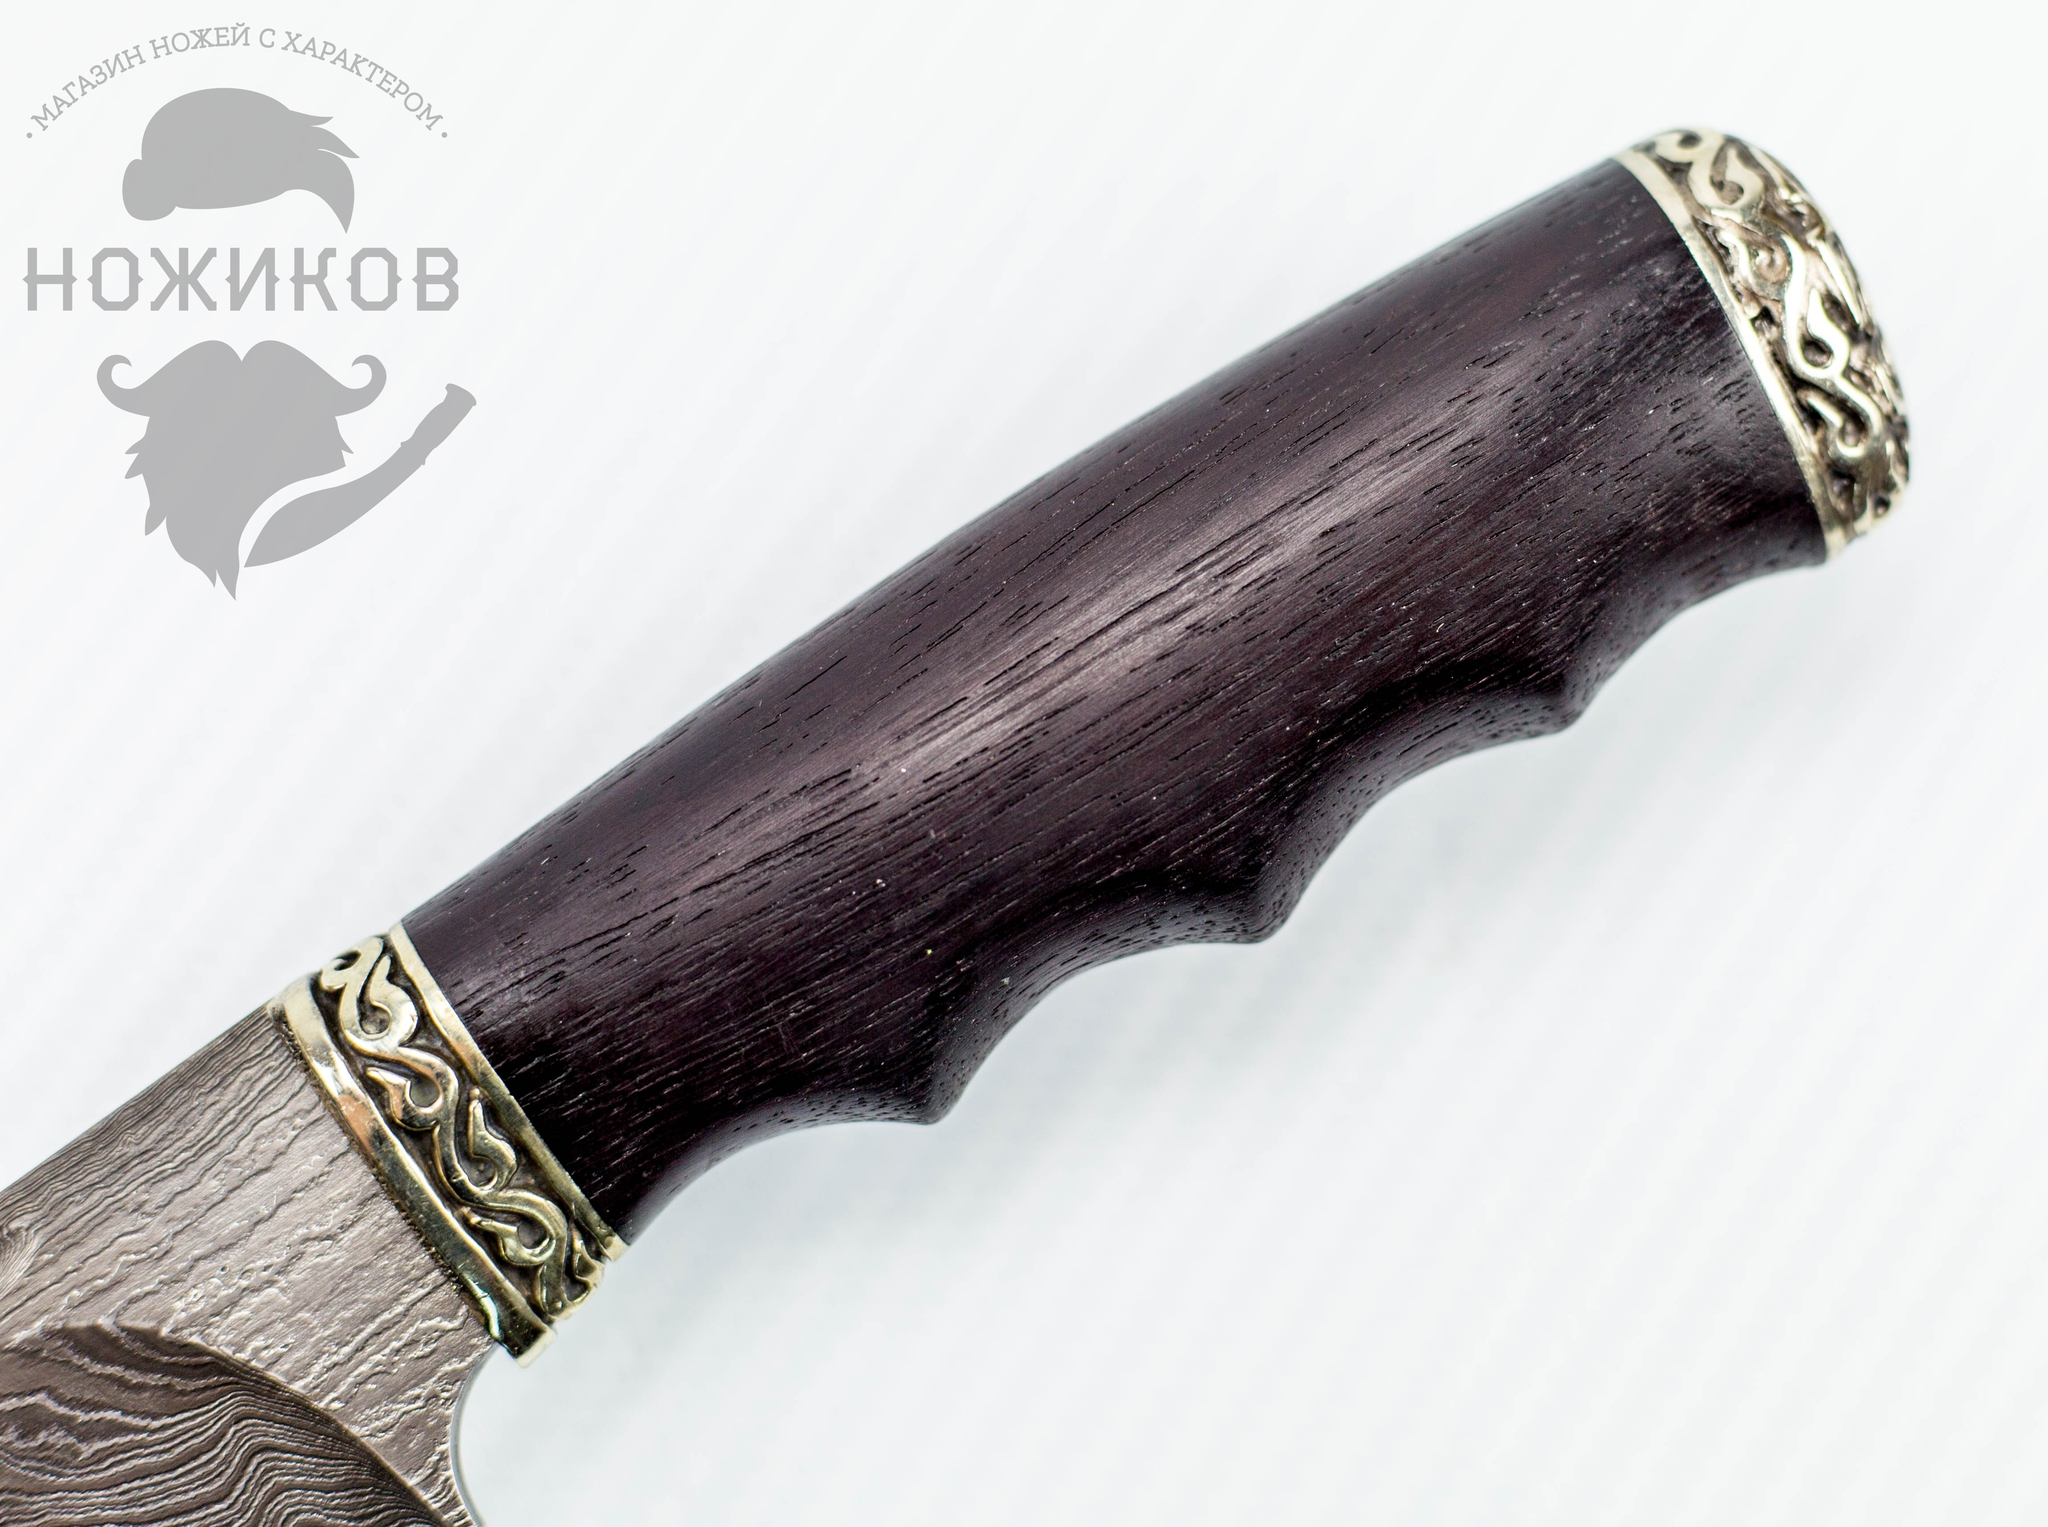 Фото 8 - Авторский Нож из Дамаска №74, Кизляр